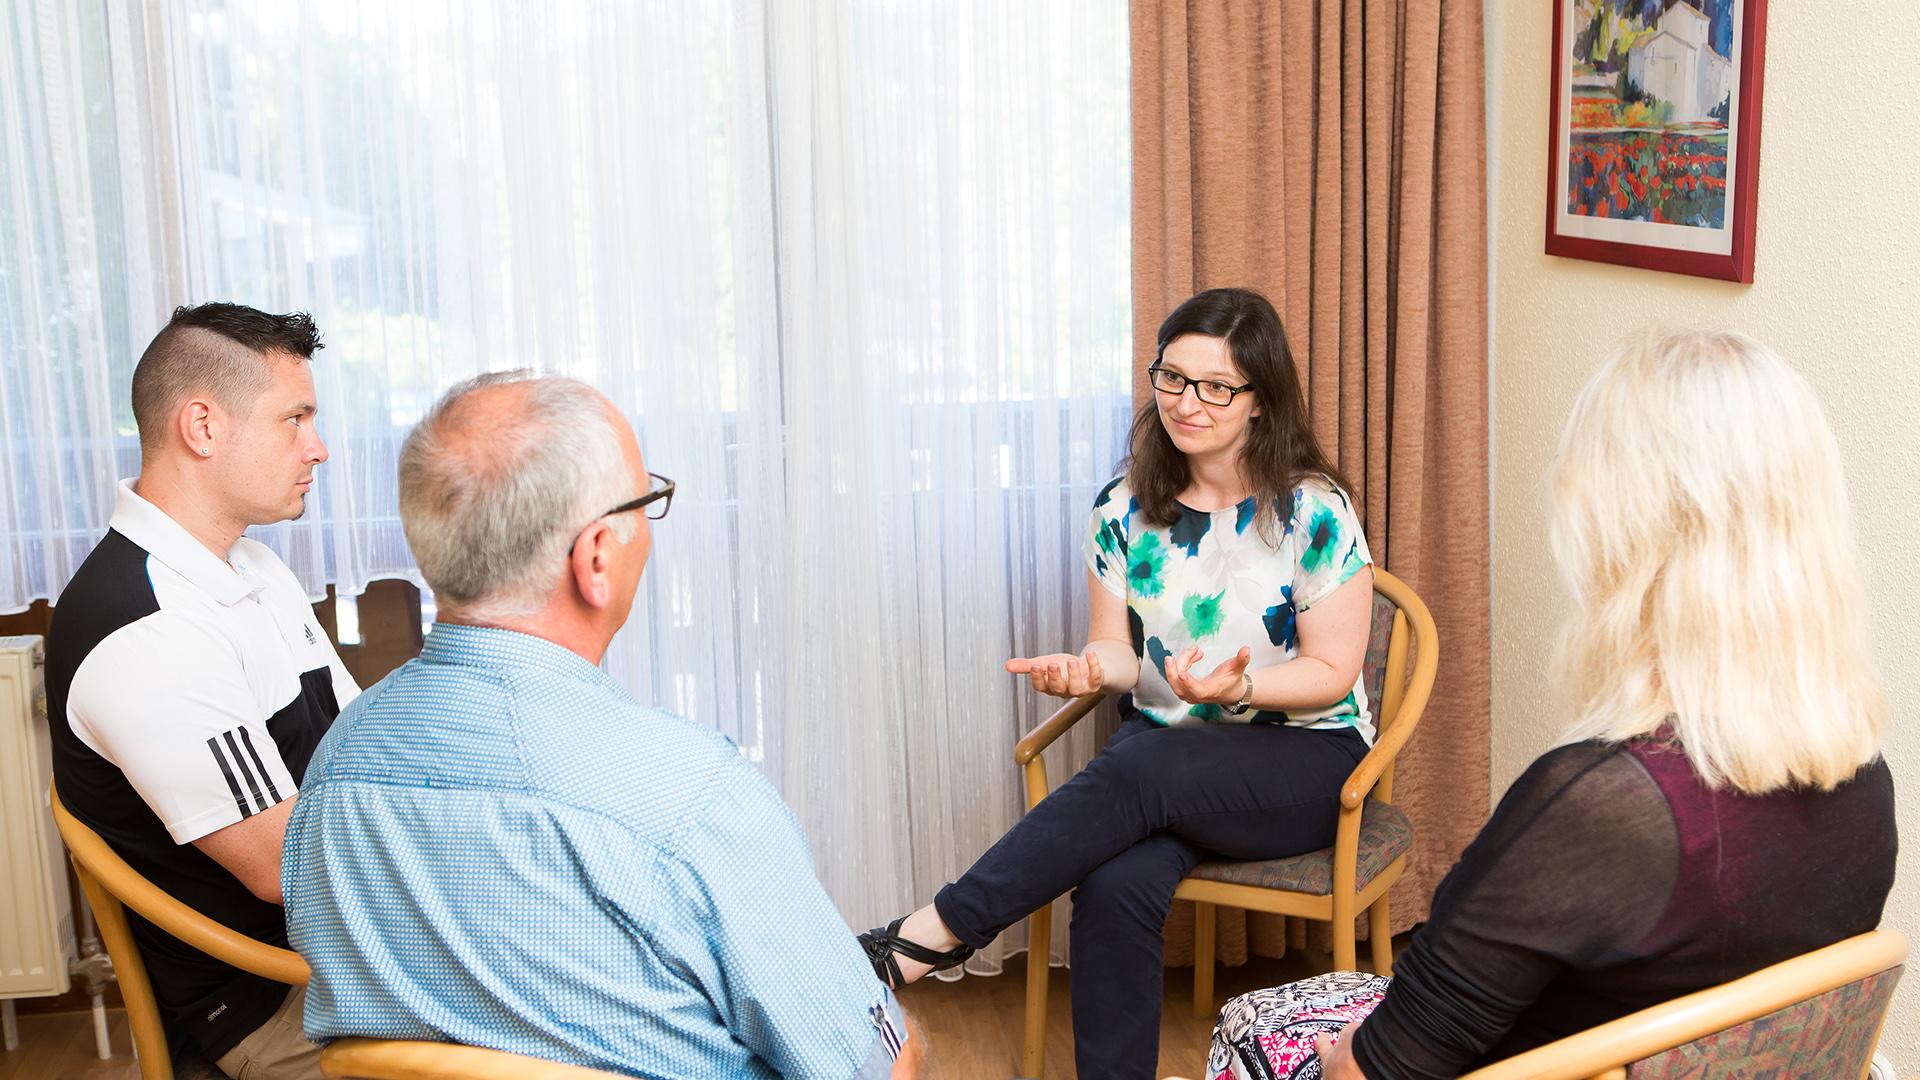 Psychosomatik Behandlung in der Fachklinik Sankt Lukas in Bad Griesbach